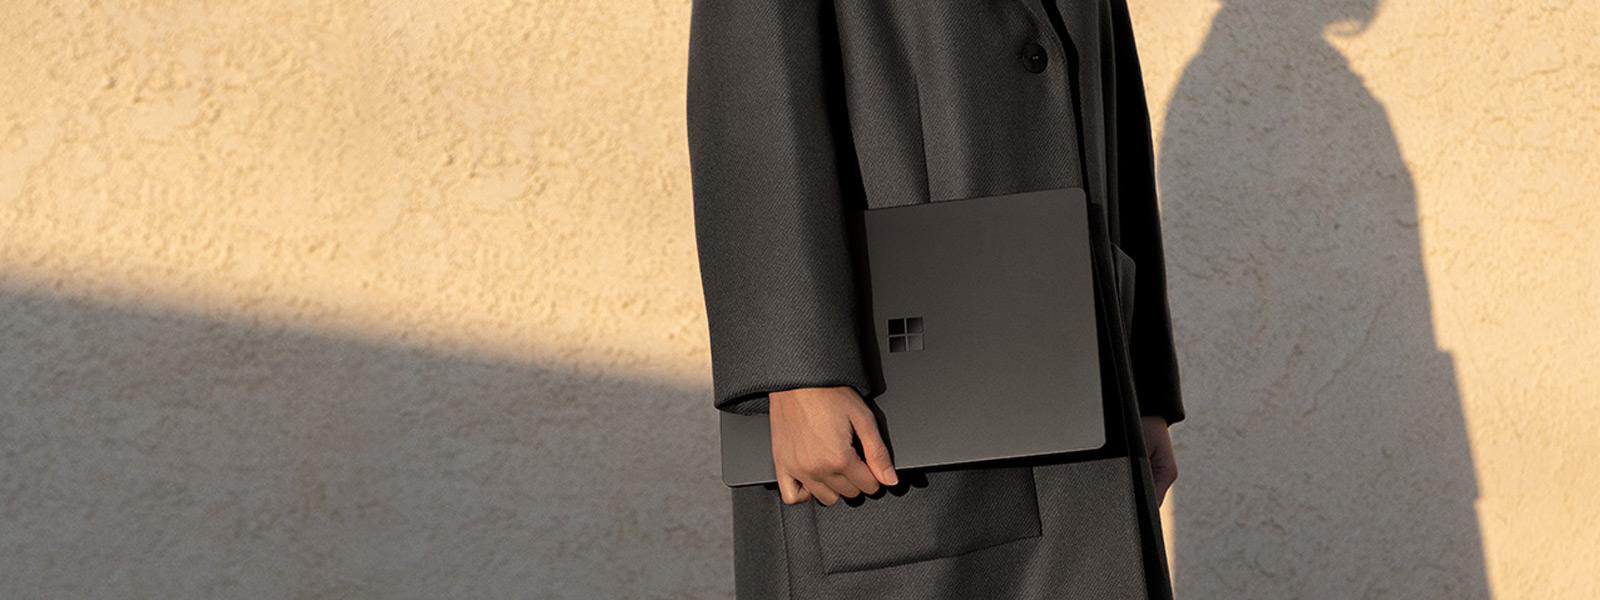 サイドに黒い Surface Laptop 2 を抱える黒いコートを着た人